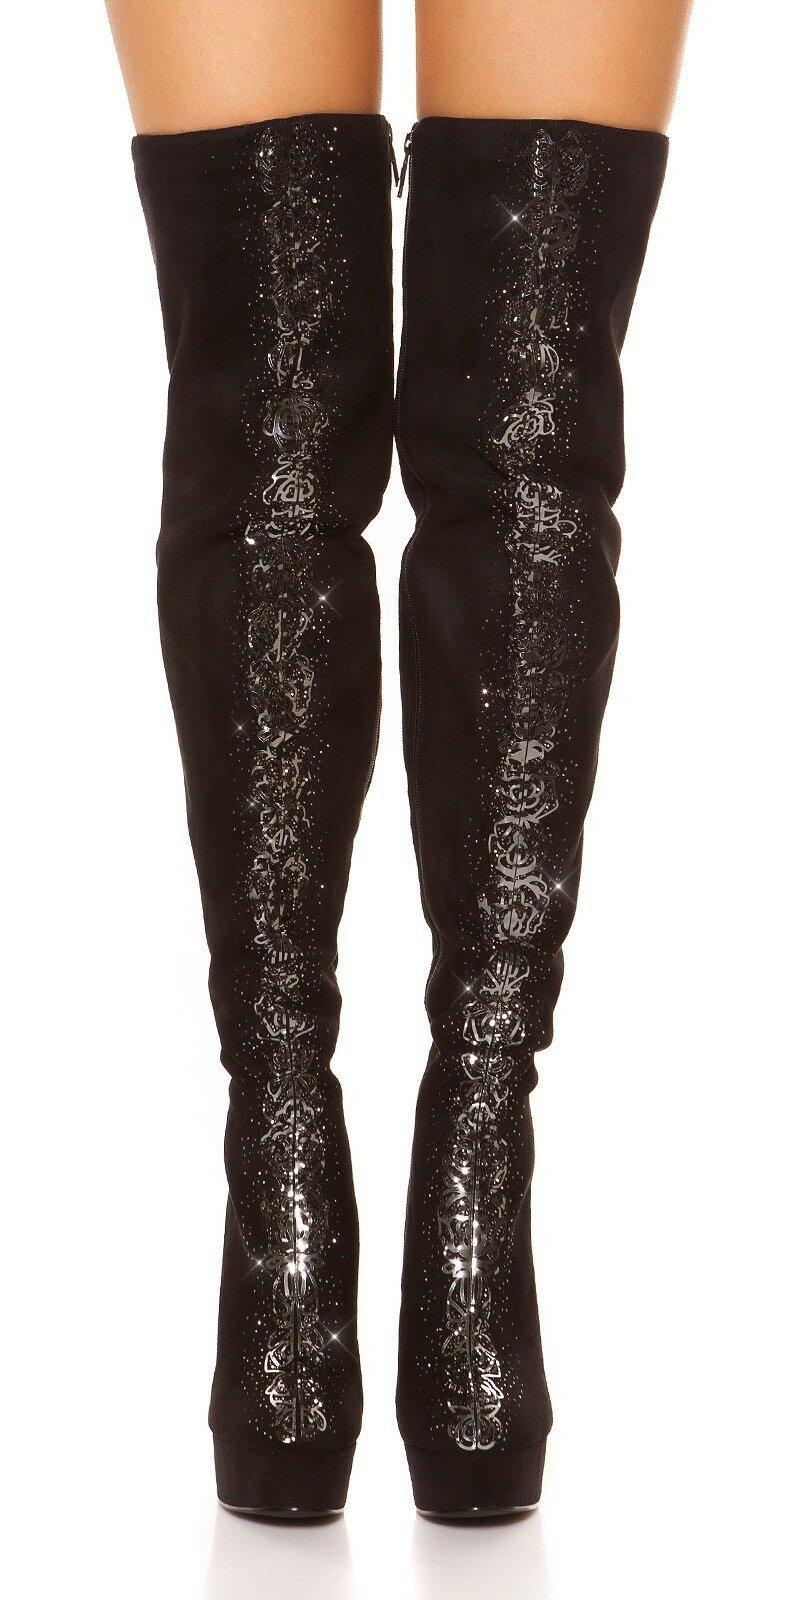 5f77221e71 Vysoké čierne čižmy s kamienkami a metalickými dekoráciami  Velkosť topánok 36  Farba Čierno-strieborná